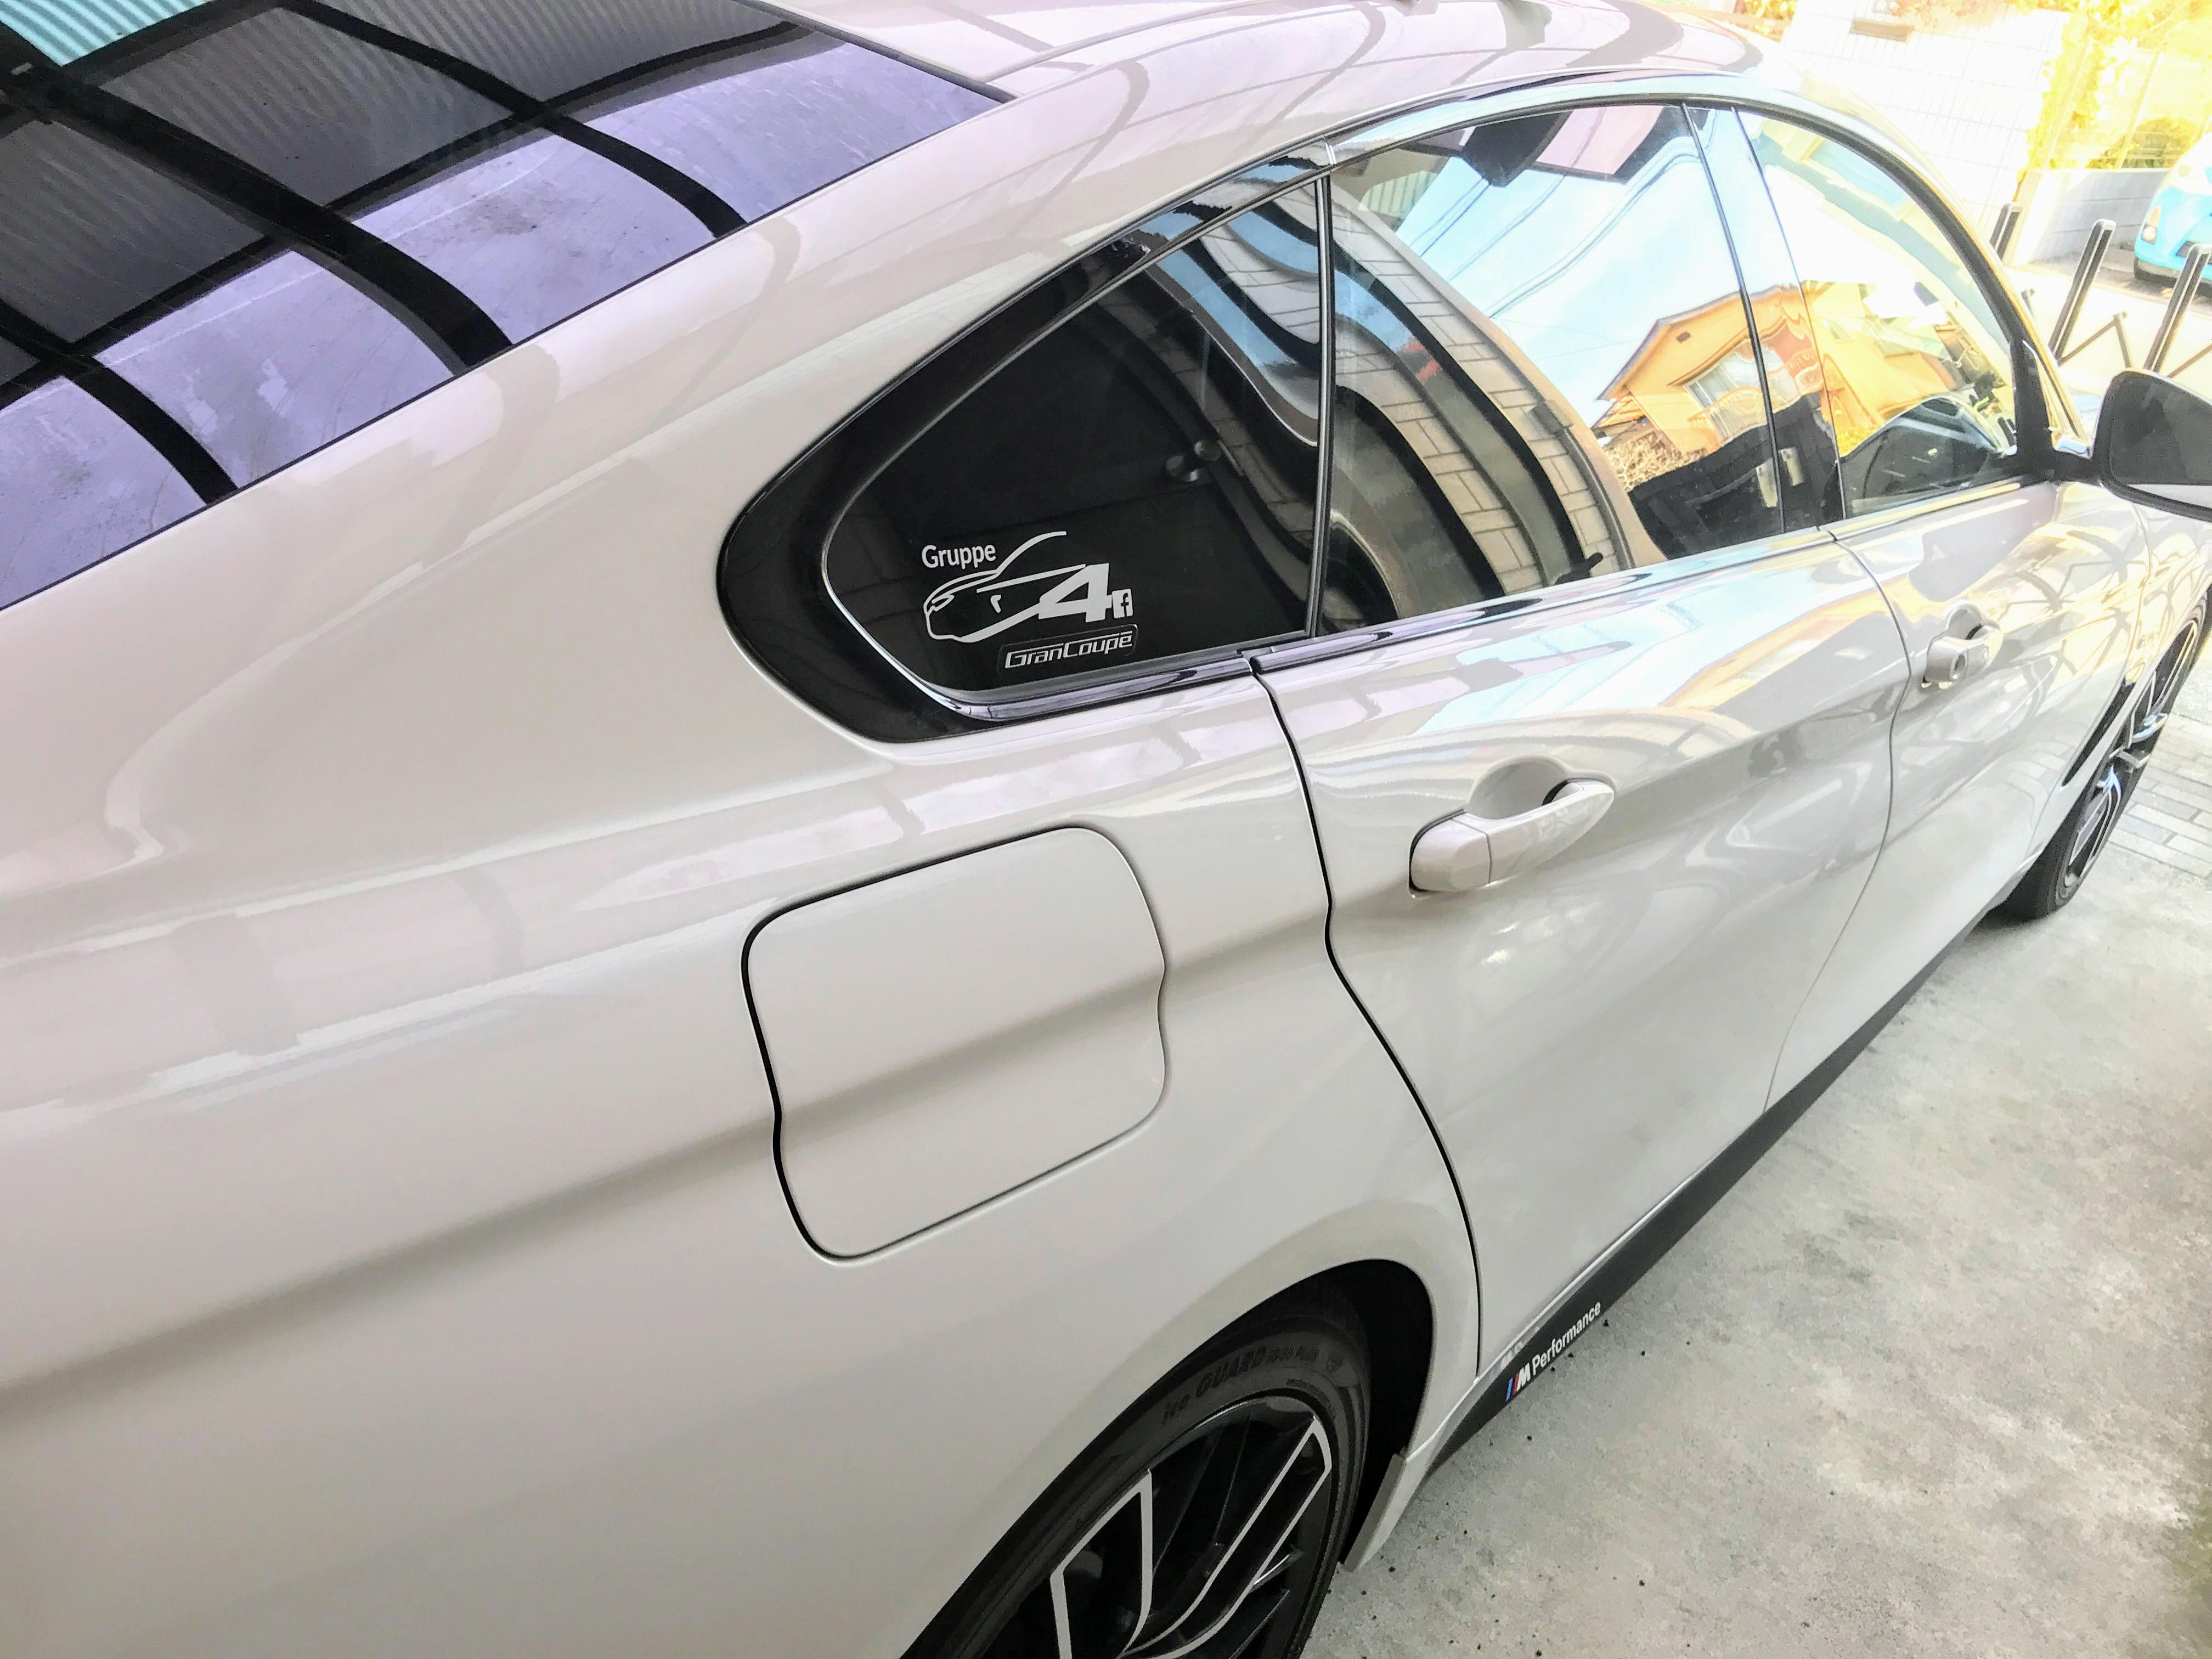 BMW4シリーズグランクーペにステッカー装着^^白かシルバーのどちらにするか悩みました^^;